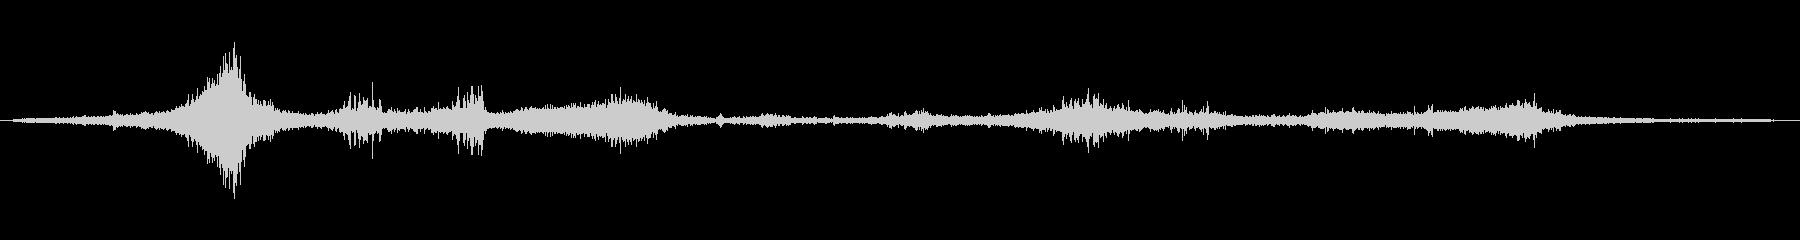 1985シェビーカマロ:ドライブバ...の未再生の波形